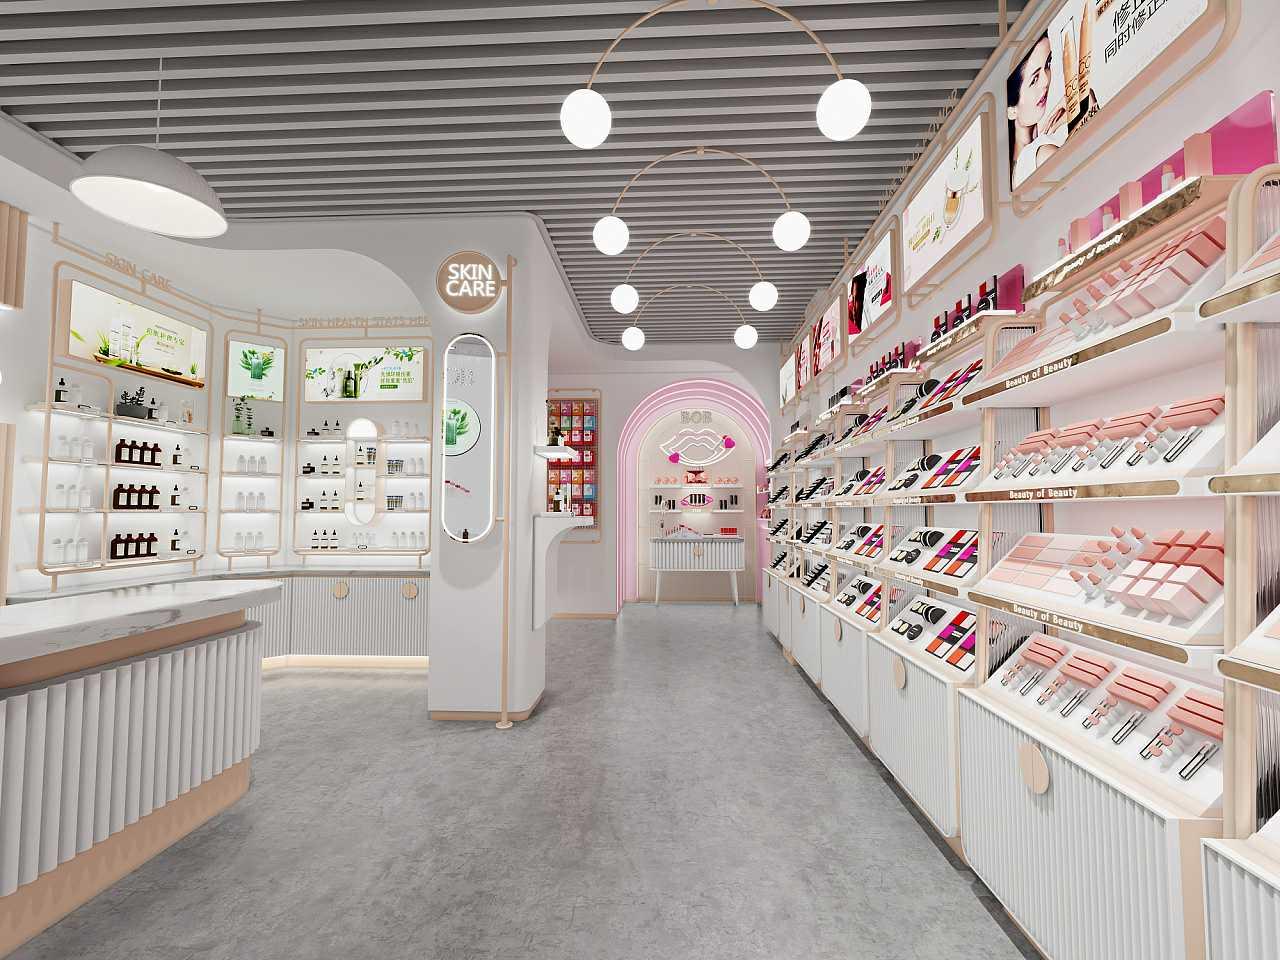 新疆化妆品展柜如何帮助店铺增加客流?有哪些优势?